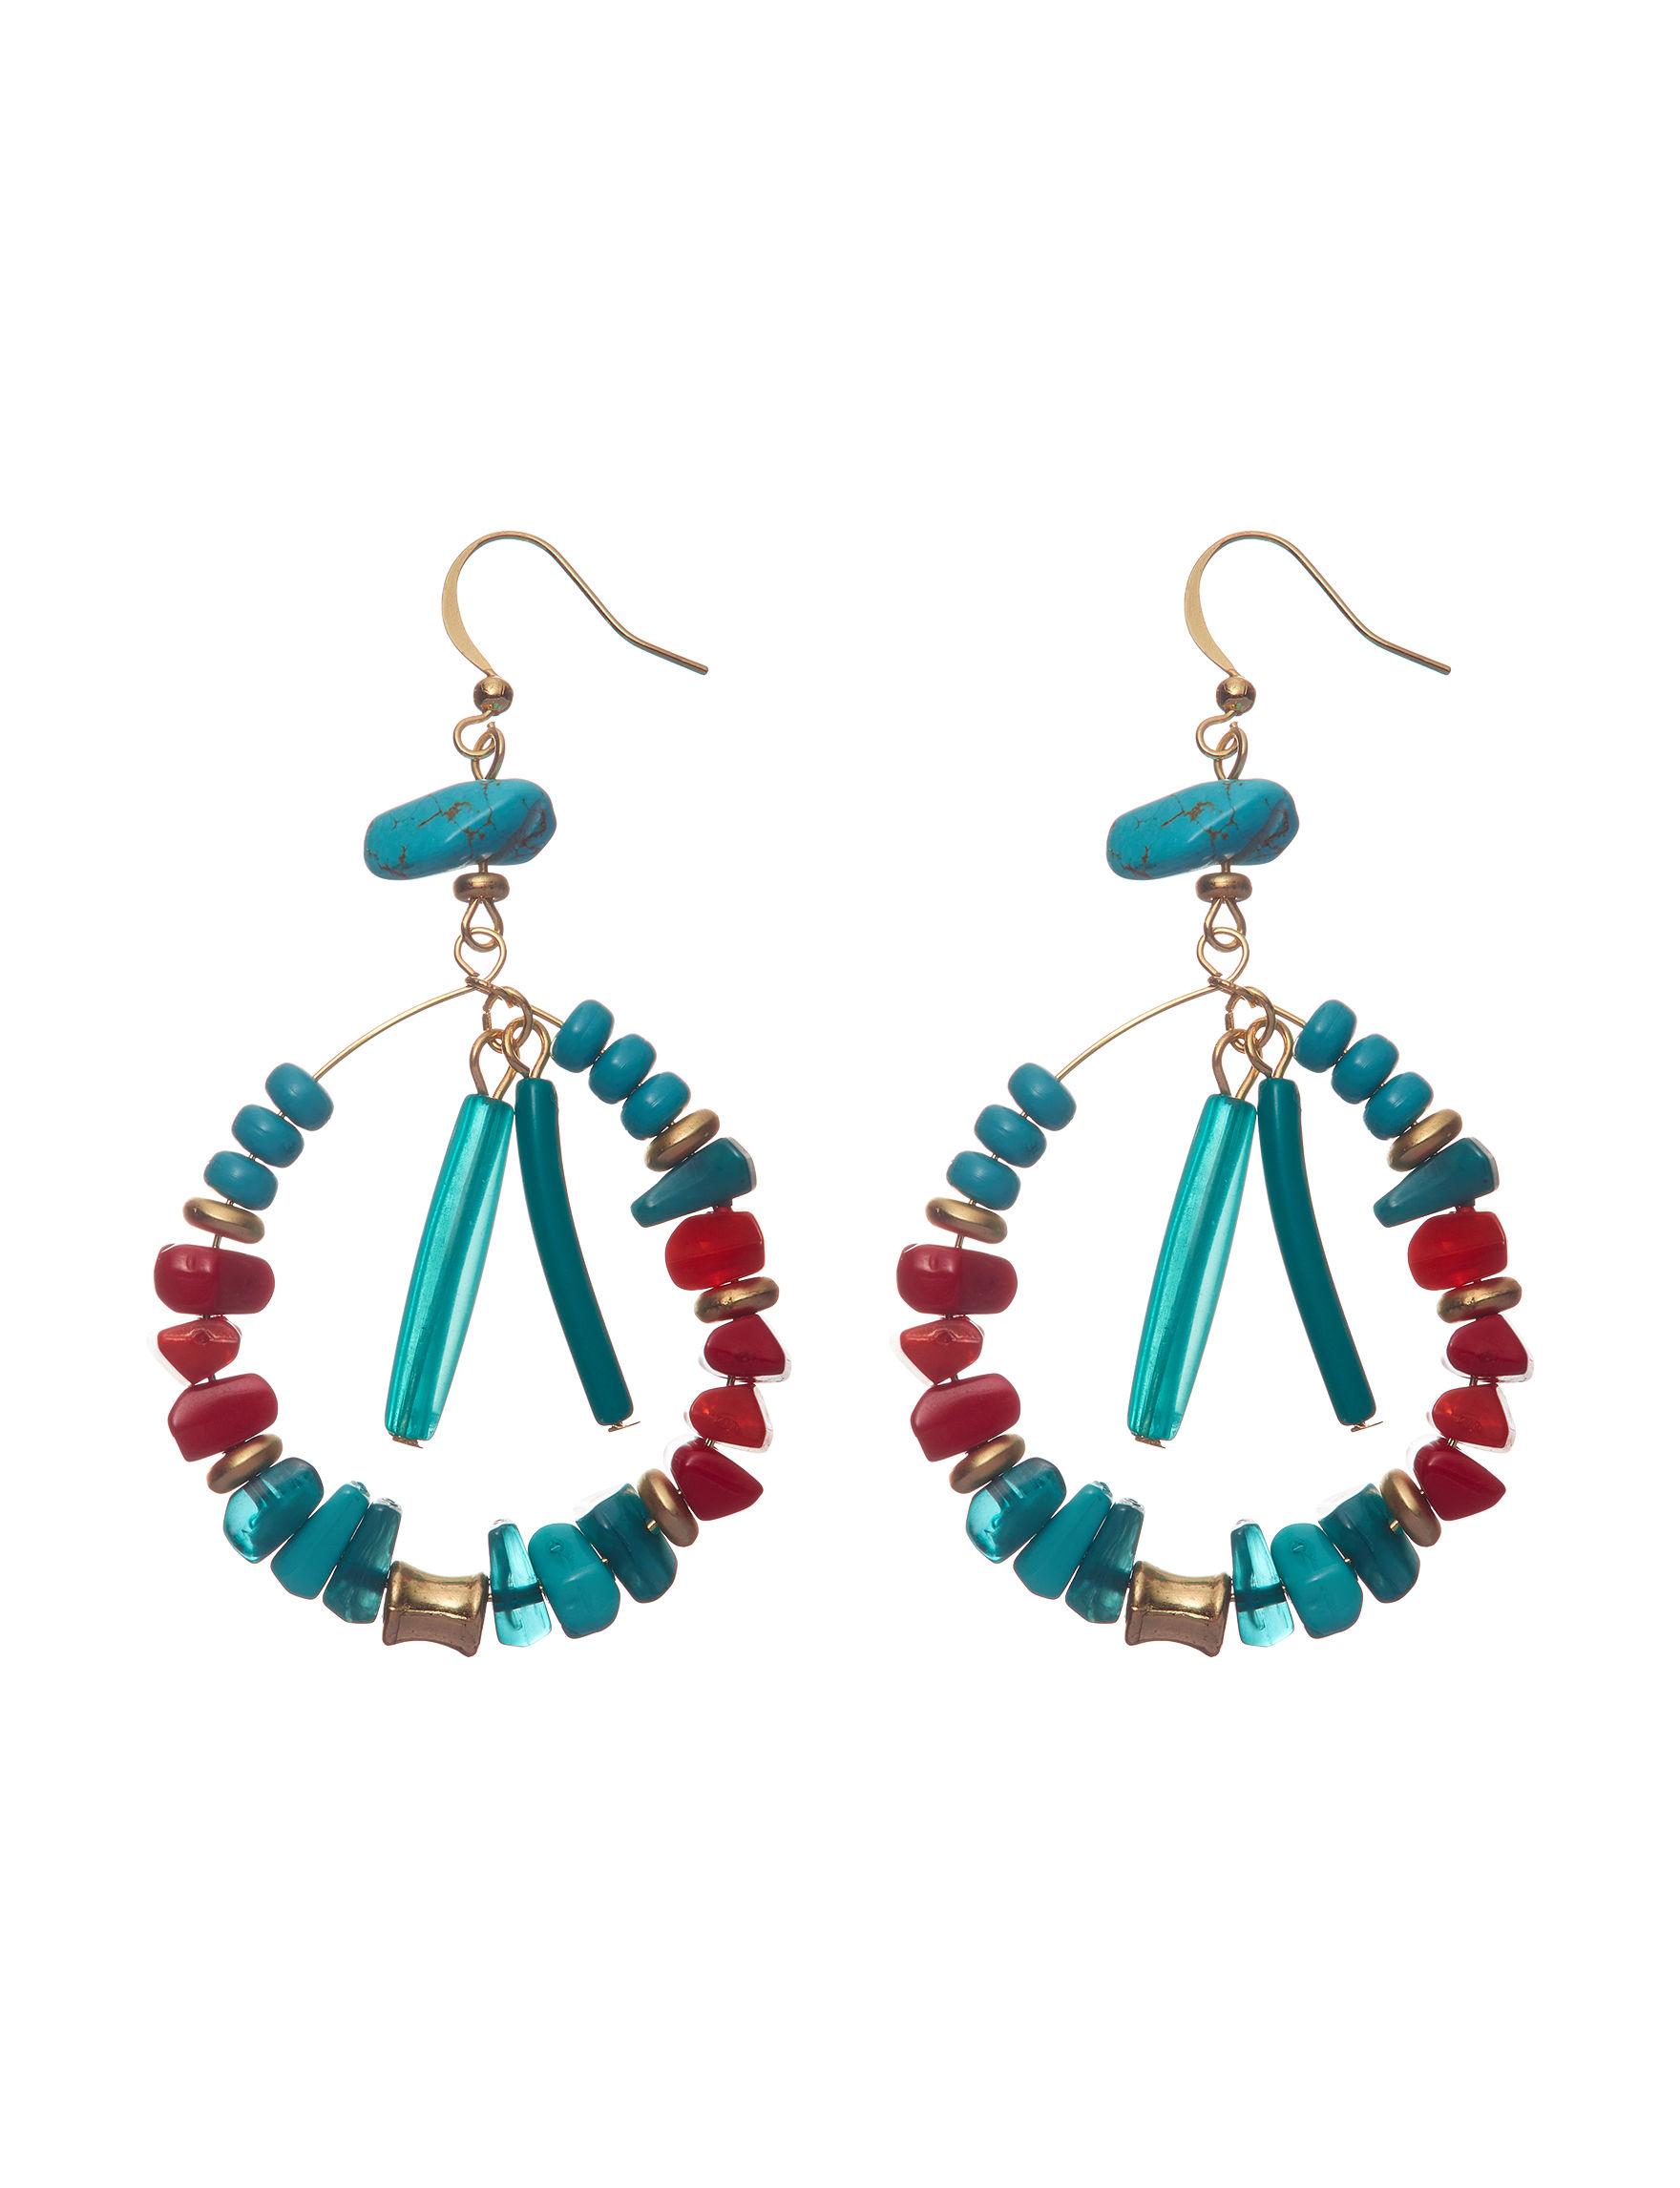 Hannah Blue Multi Hoops Earrings Fashion Jewelry